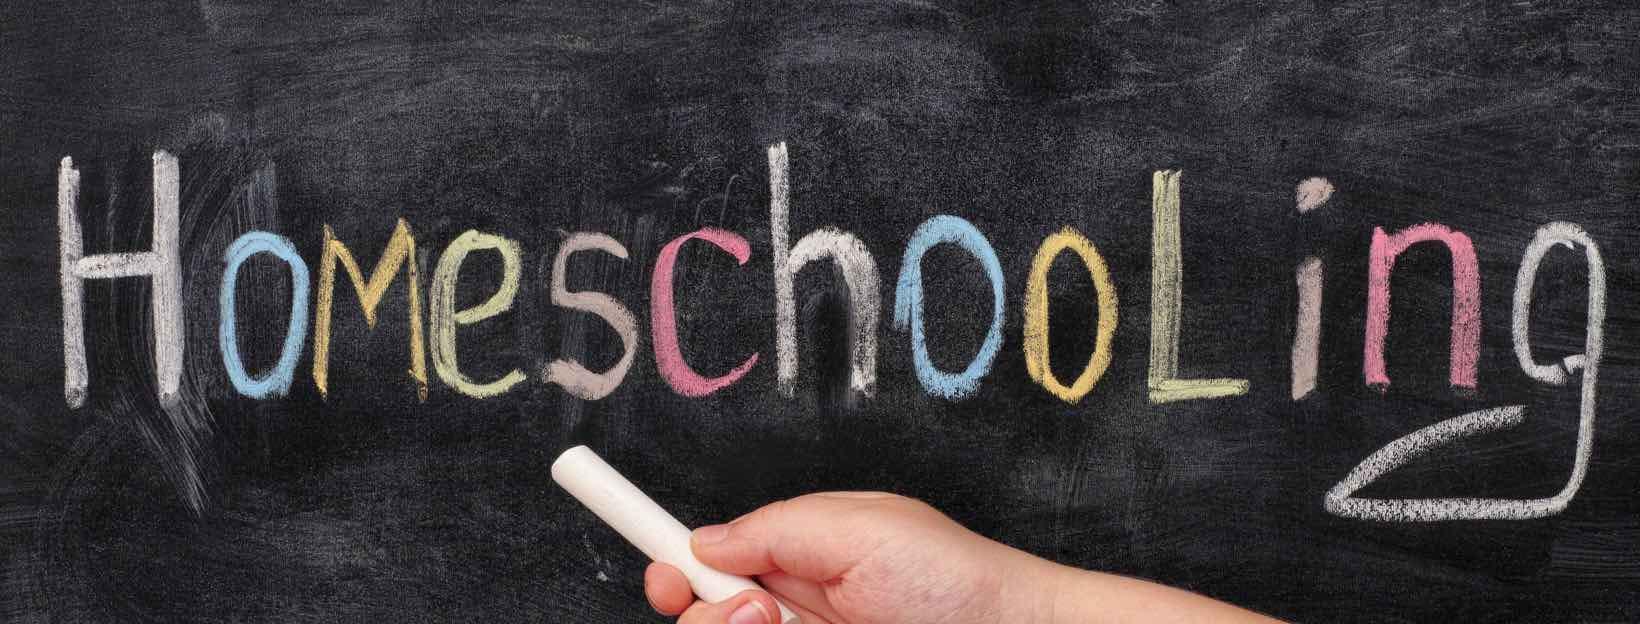 Tafel mit Kreideschift: Homeschooling - so erstellst du ein virtuelles Klassenzimmer